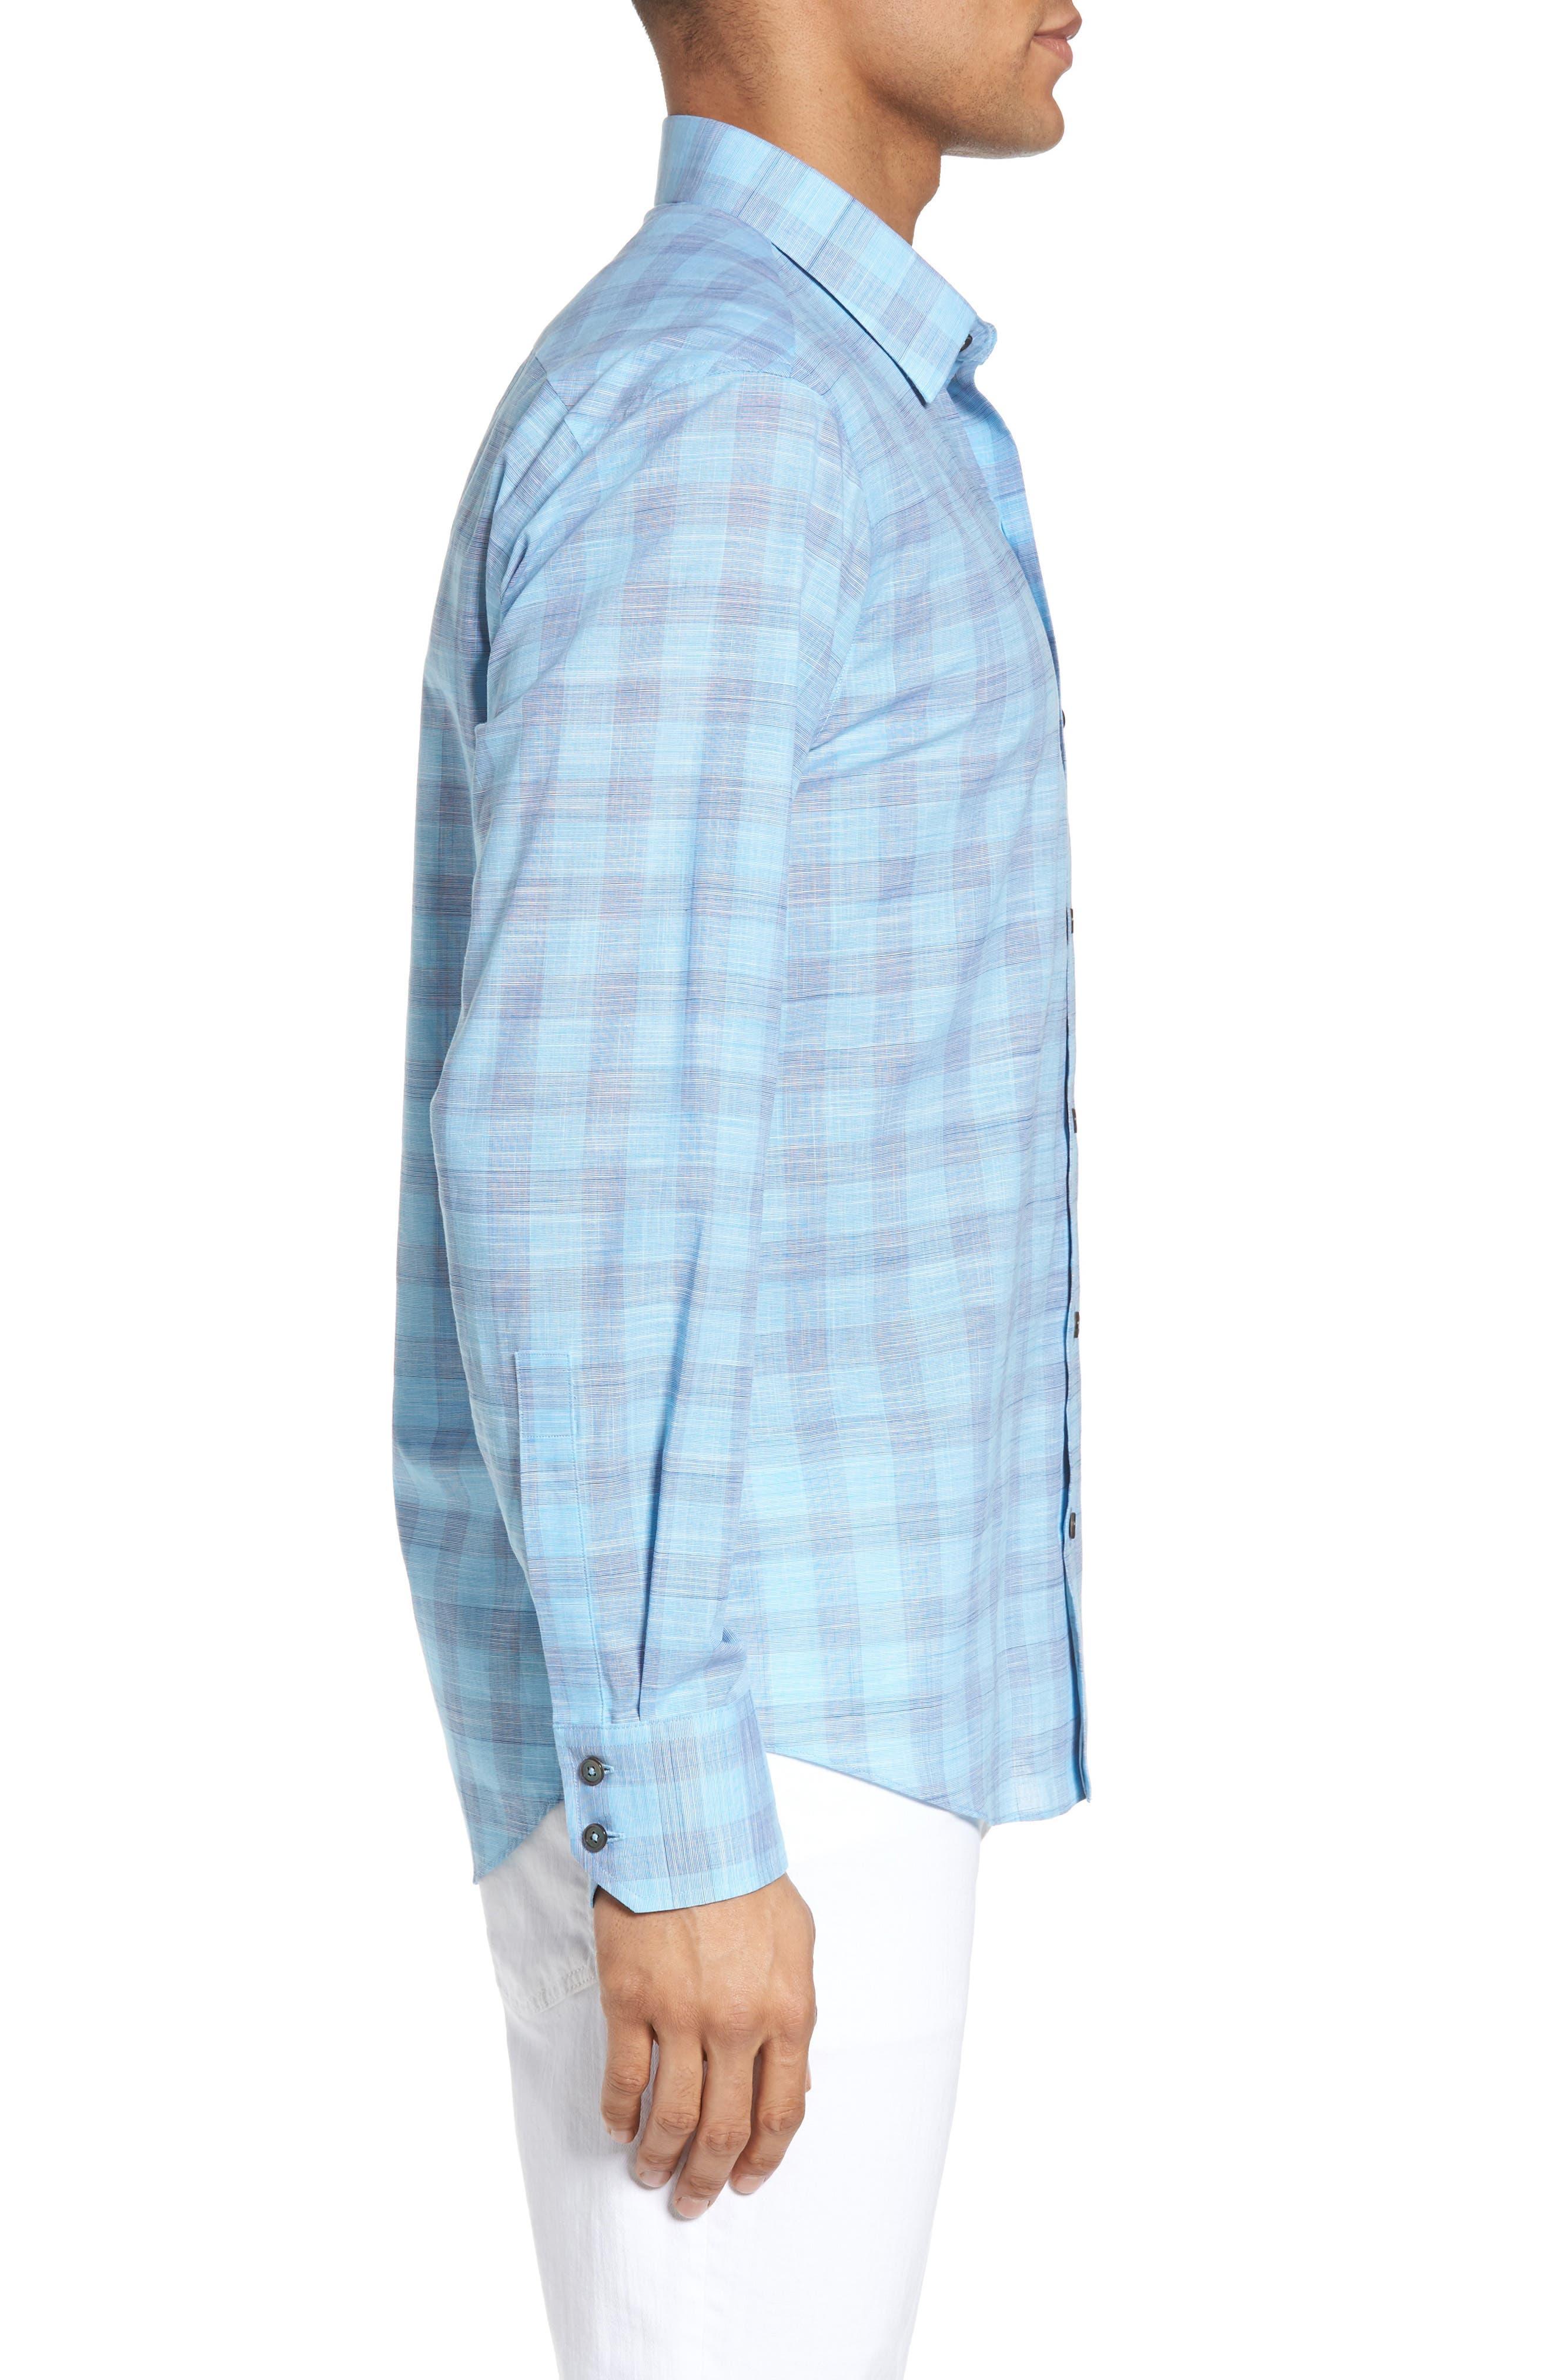 Colin Trim FIt Plaid Sport Shirt,                             Alternate thumbnail 3, color,                             439